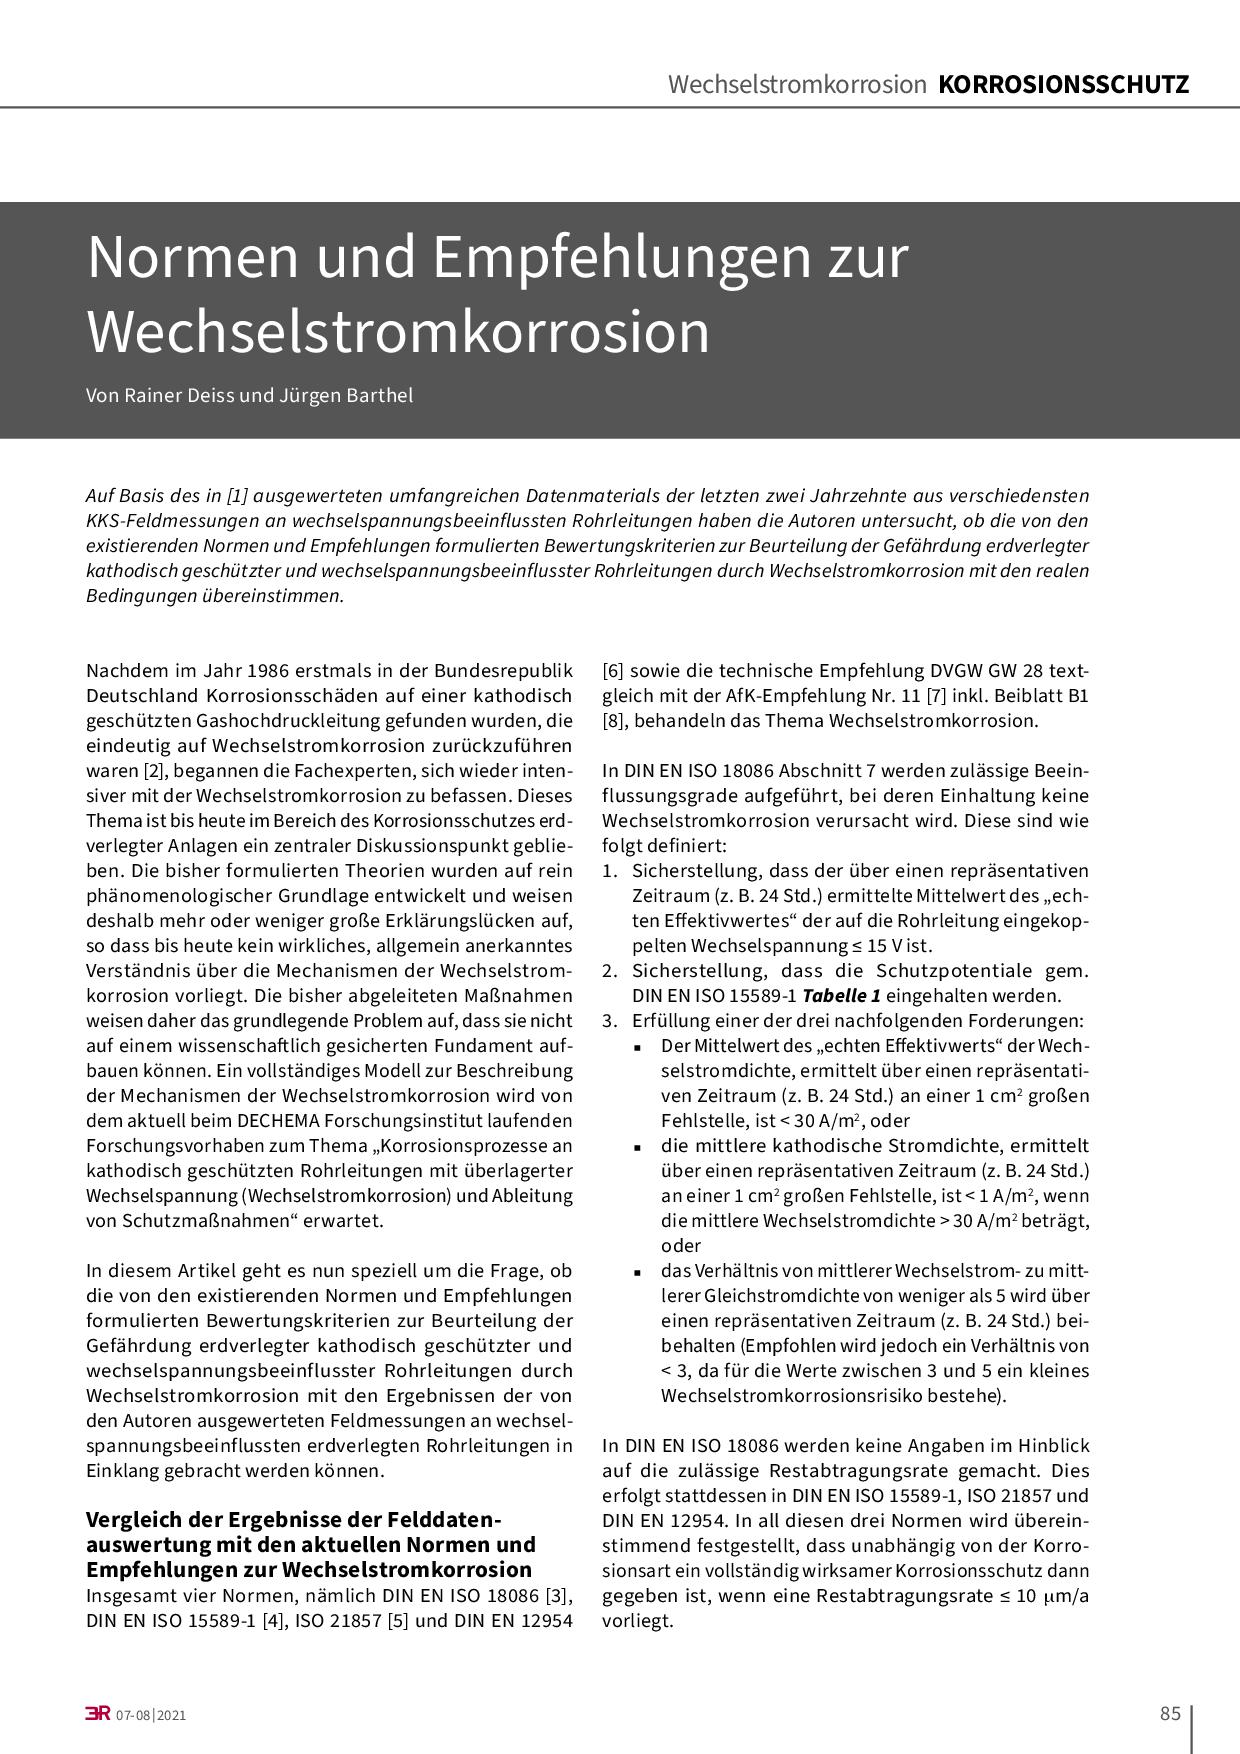 Normen und Empfehlungen zur Wechselstromkorrosion